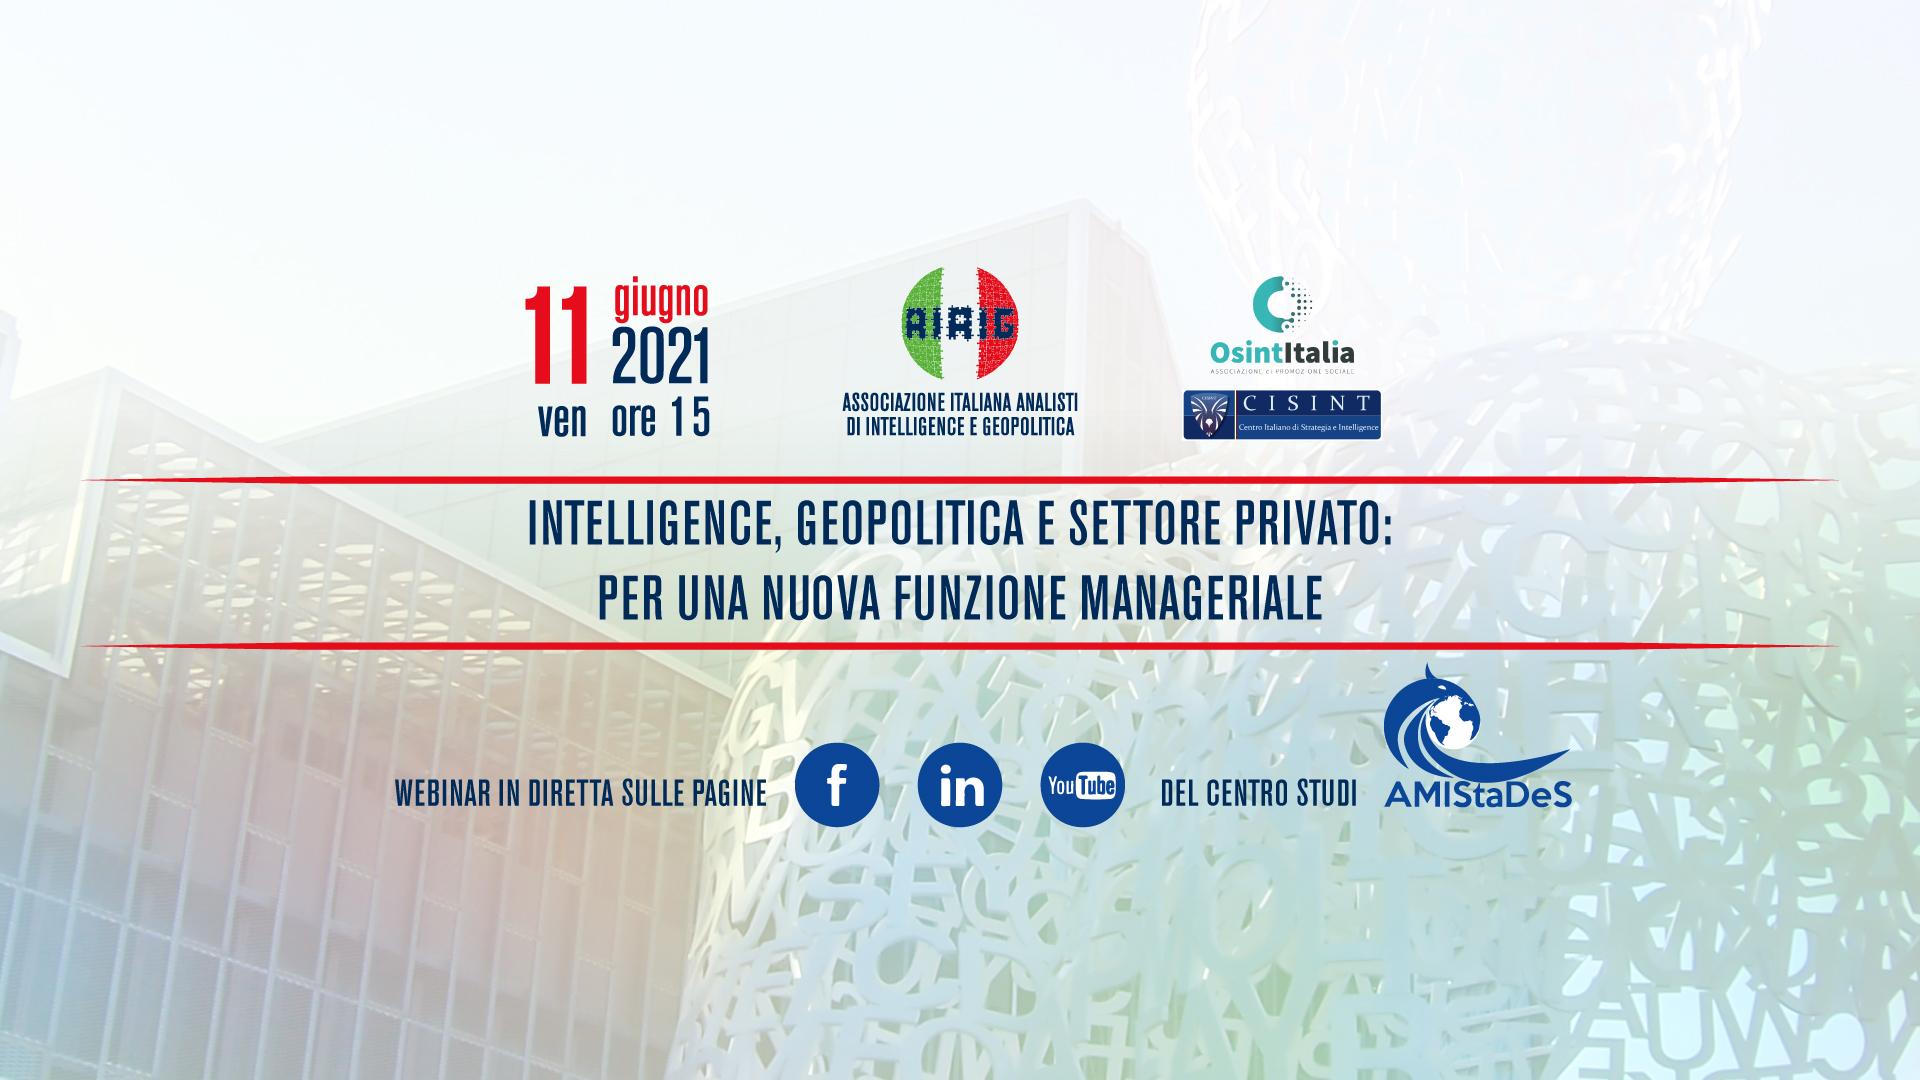 Intelligence, geopolitica e settore privato: per una nuova funzione manageriale